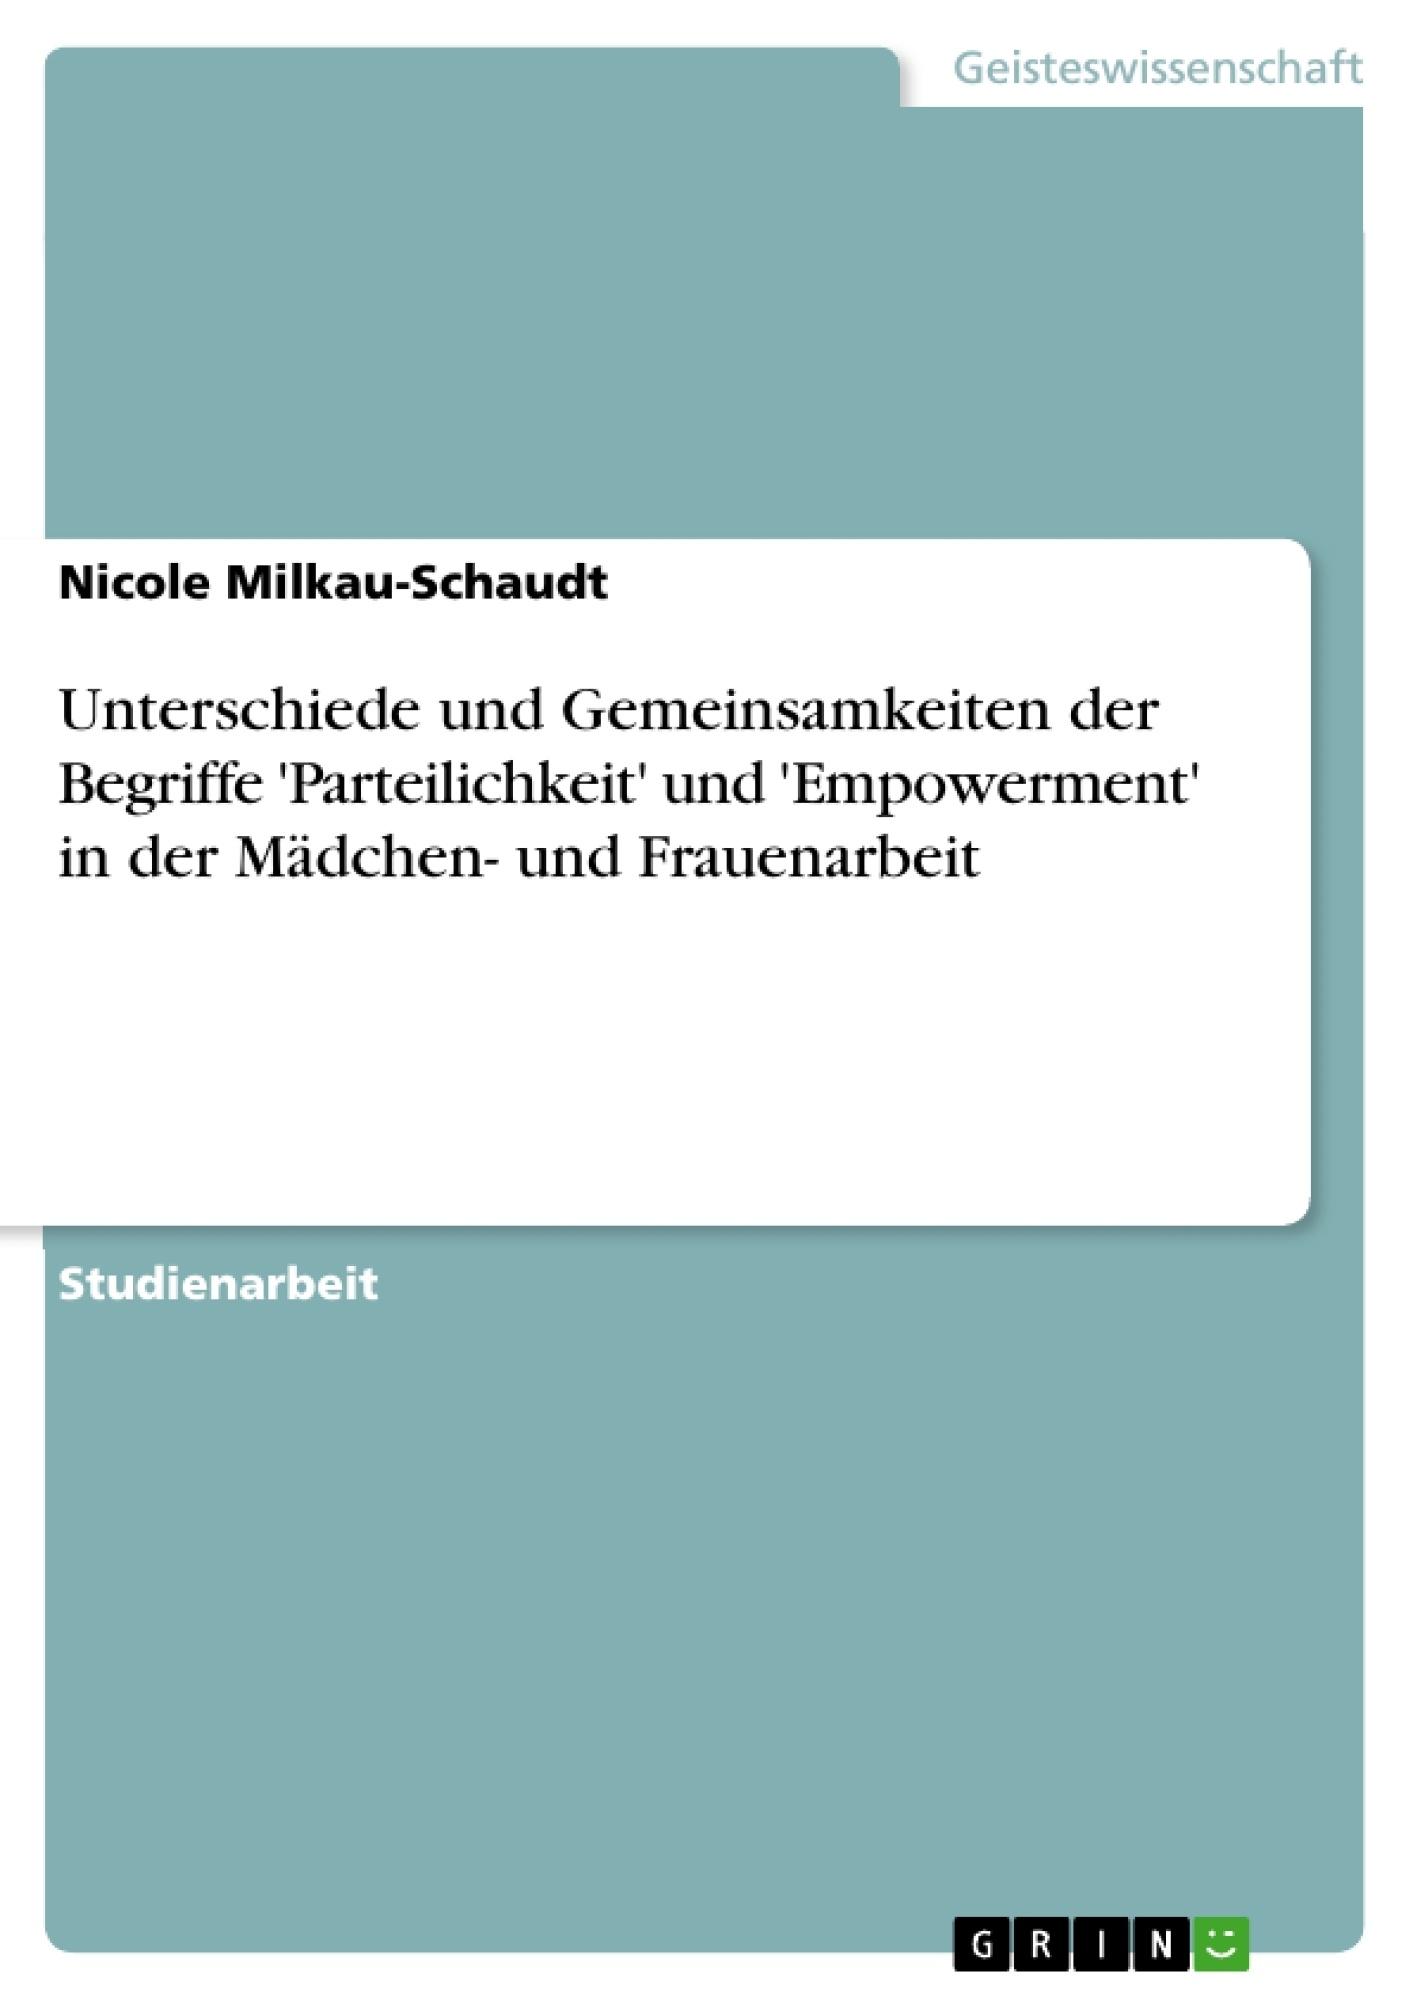 Titel: Unterschiede und Gemeinsamkeiten der Begriffe 'Parteilichkeit' und 'Empowerment' in der Mädchen- und Frauenarbeit